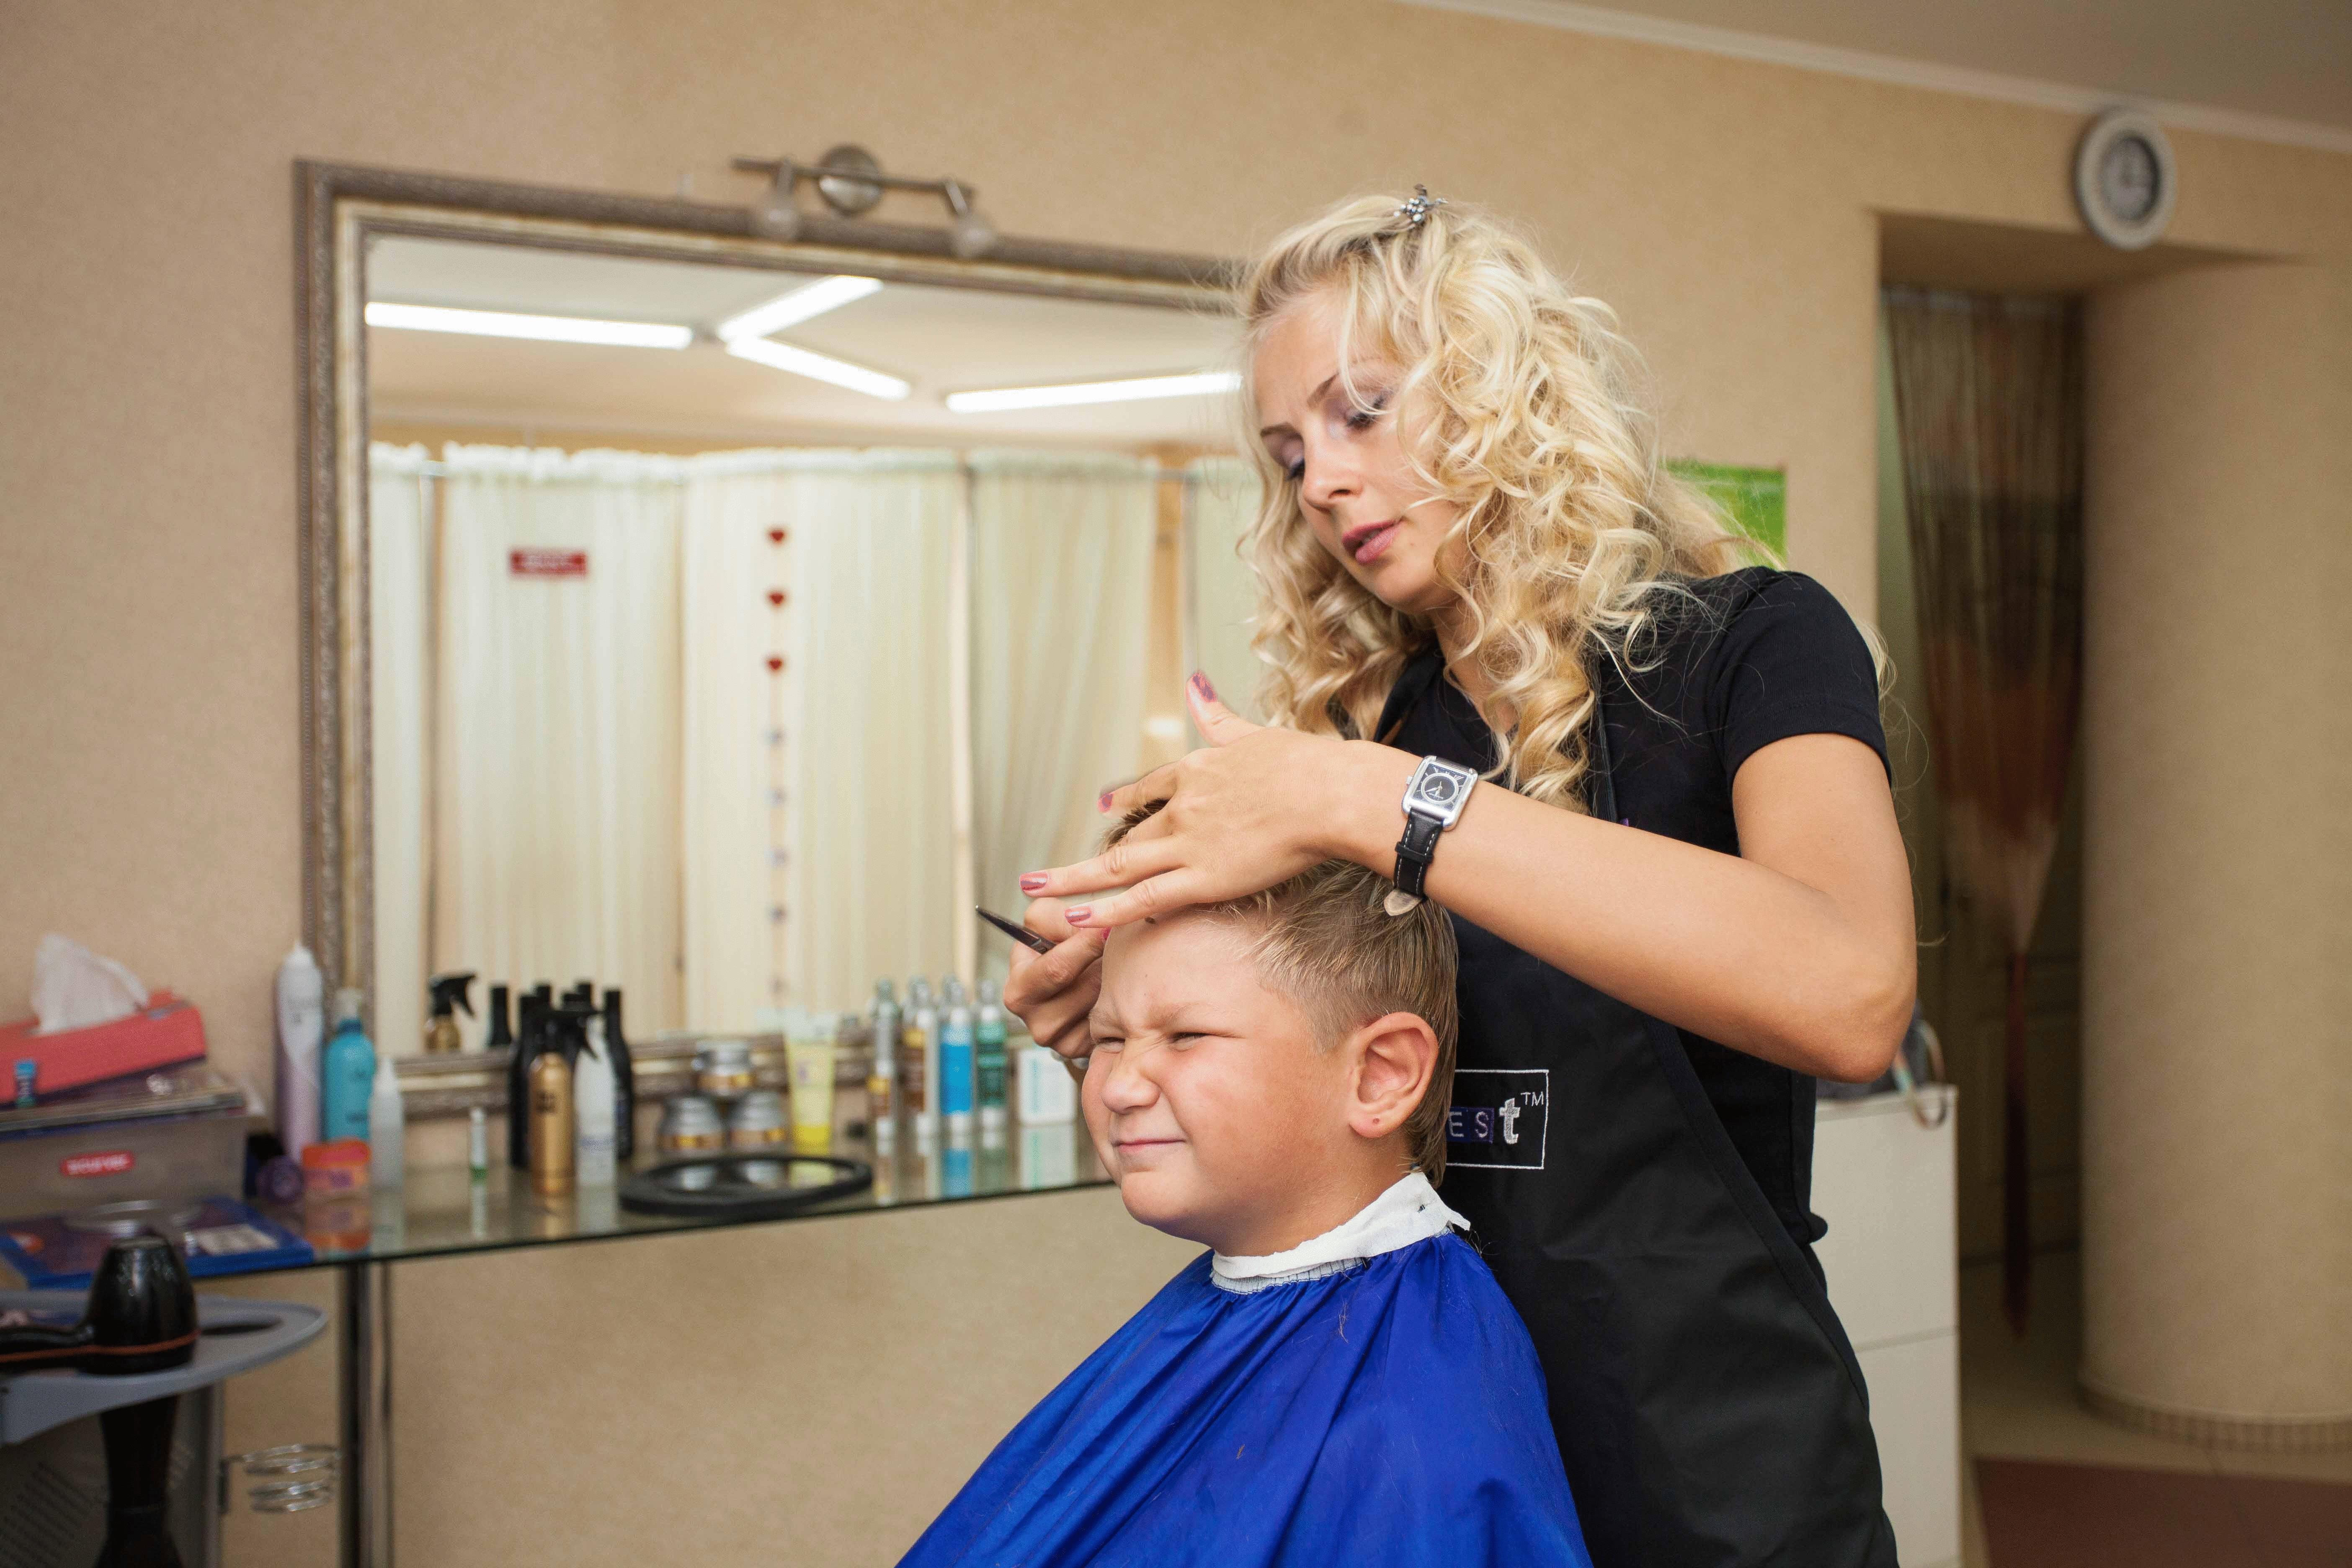 Сучка бердичевская юлька парикмахерша 9 фотография